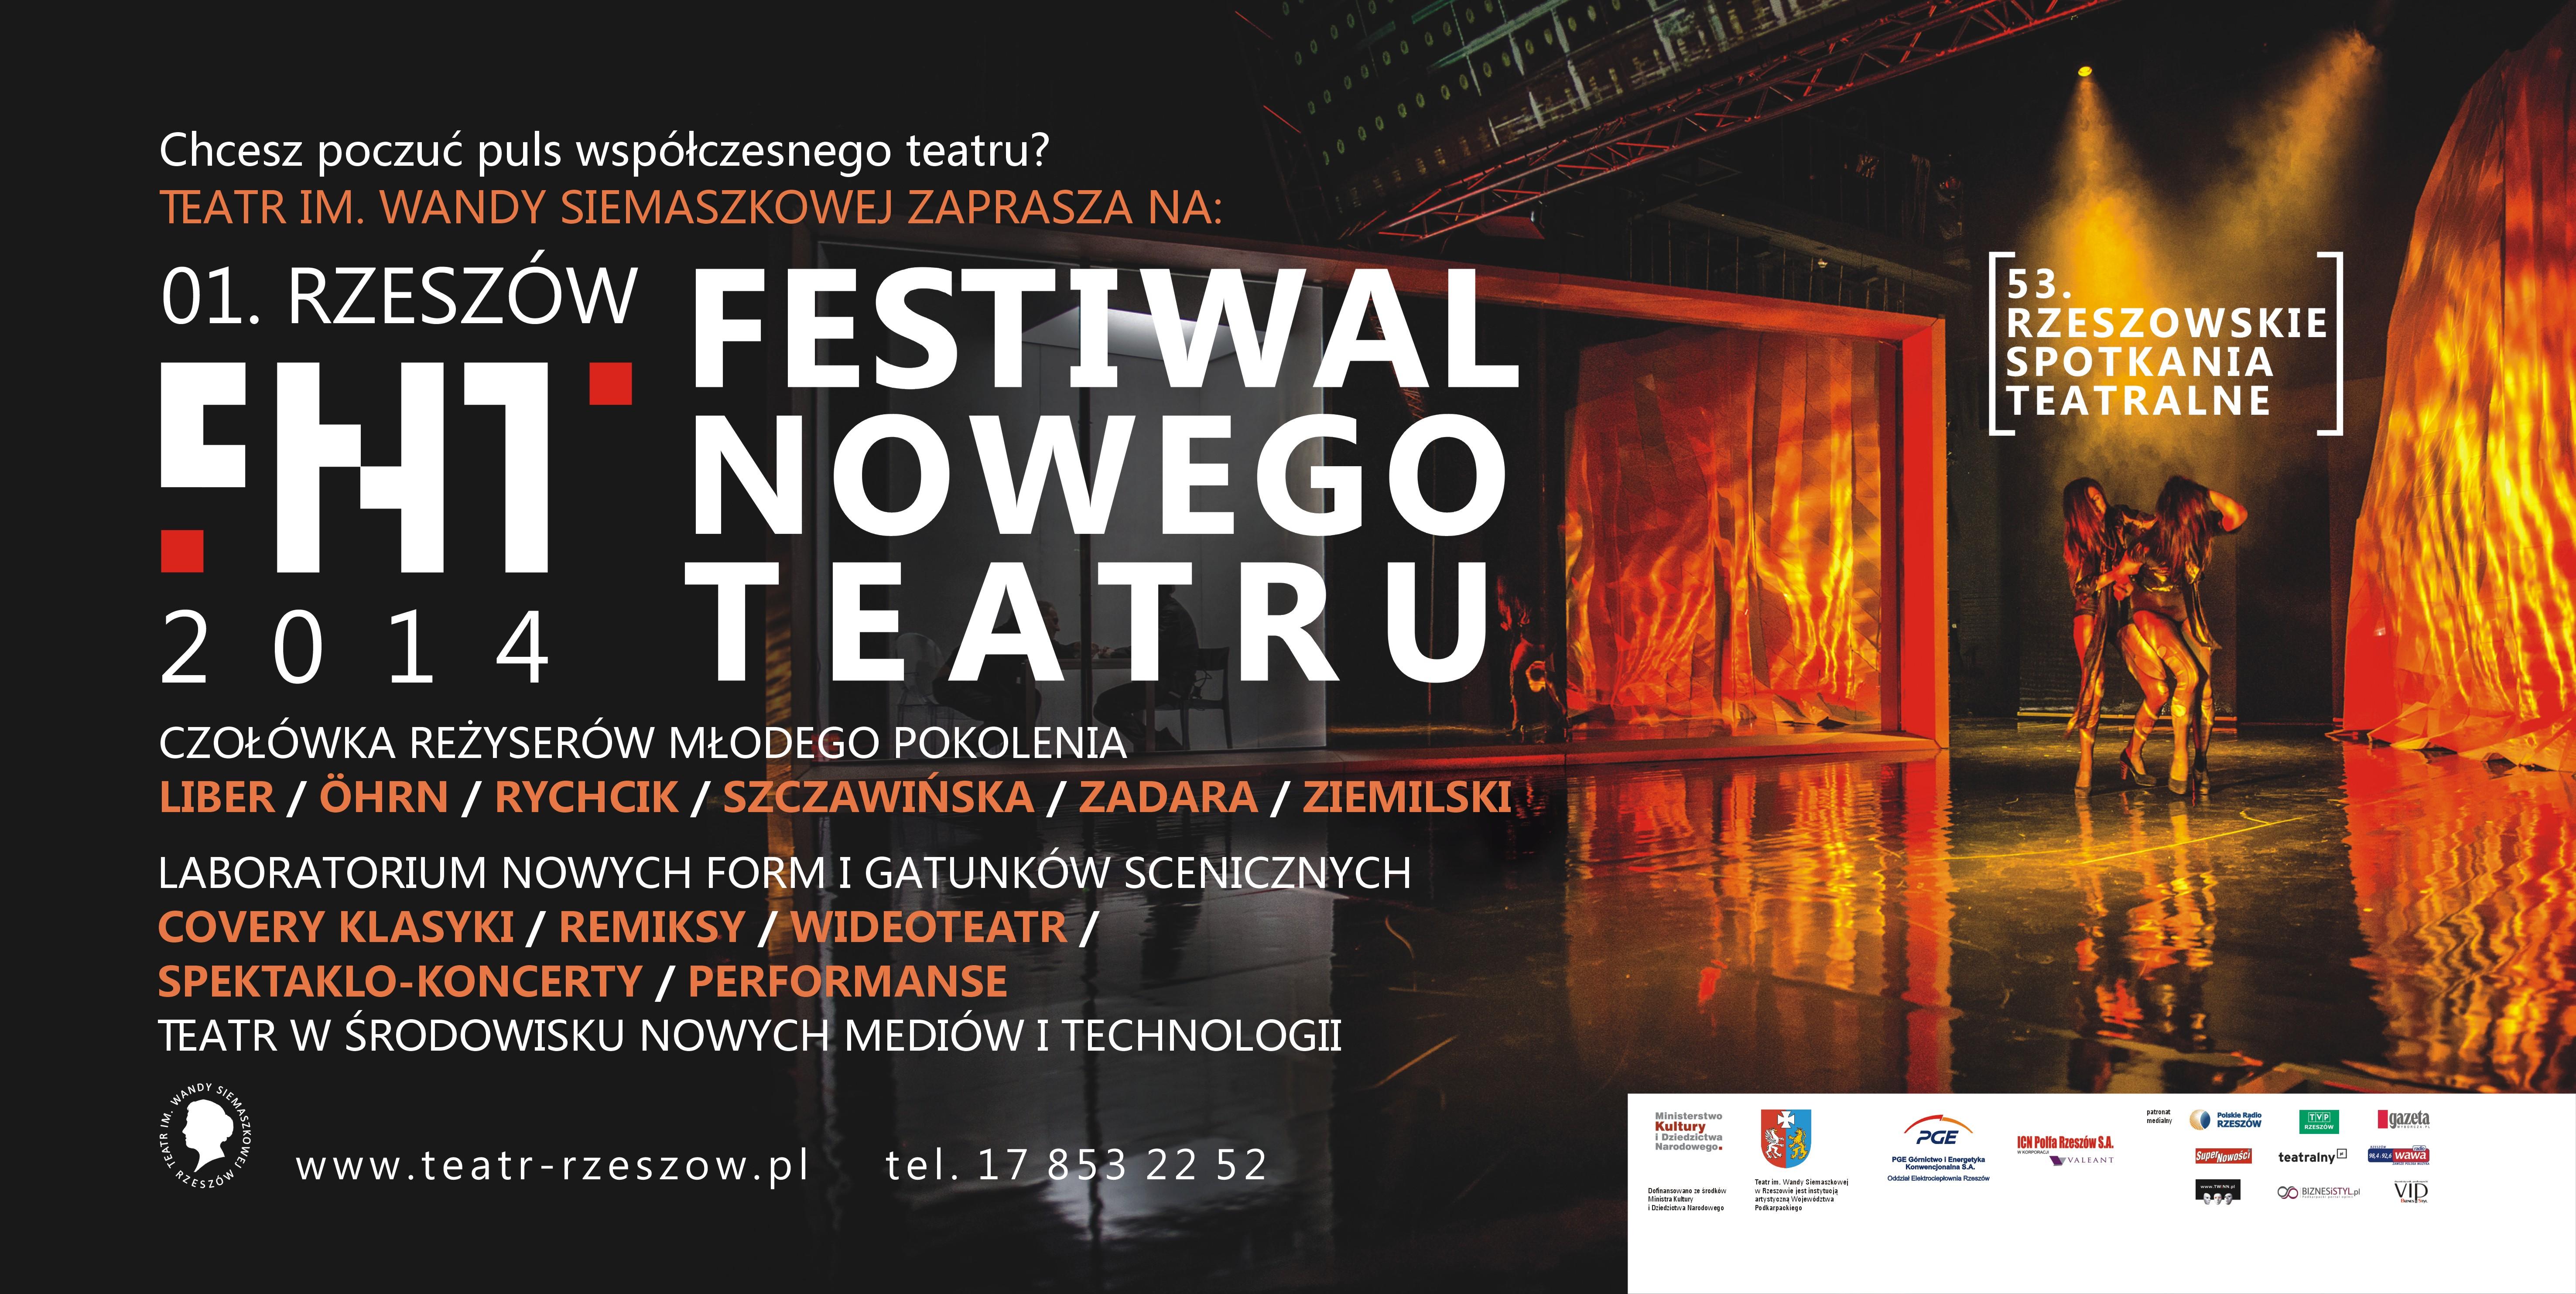 Rzeszowskie Spotkania Teatralne - Festiwal Nowego Teatru